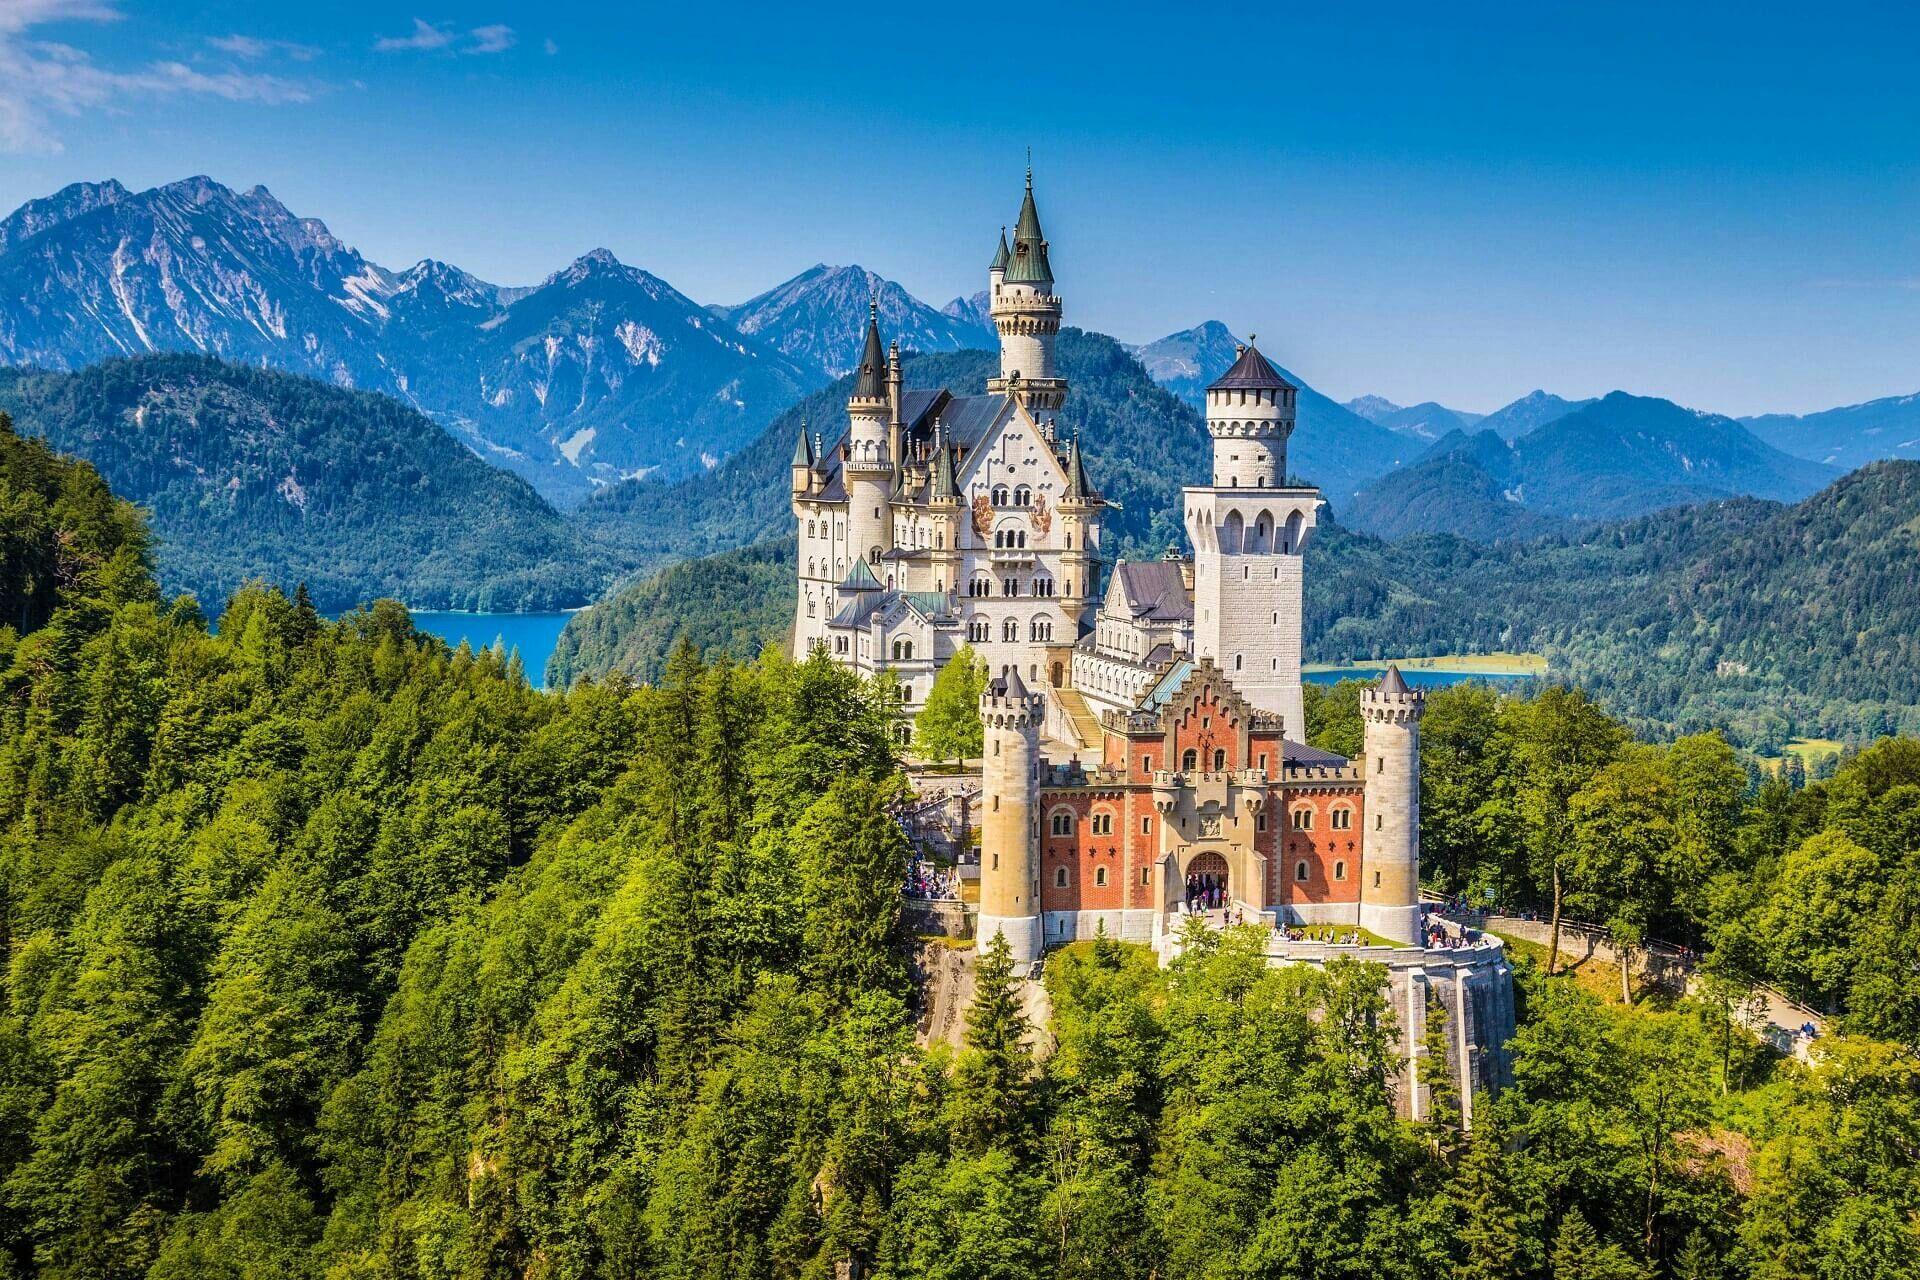 Schloss Neuschwanstein Bei Fussen 808m Im Lkr Ostallgau Schloss Neuschwanstein Marienbrucke Neuschw Schloss Neuschwanstein Urlaub Bayern Neuschwanstein